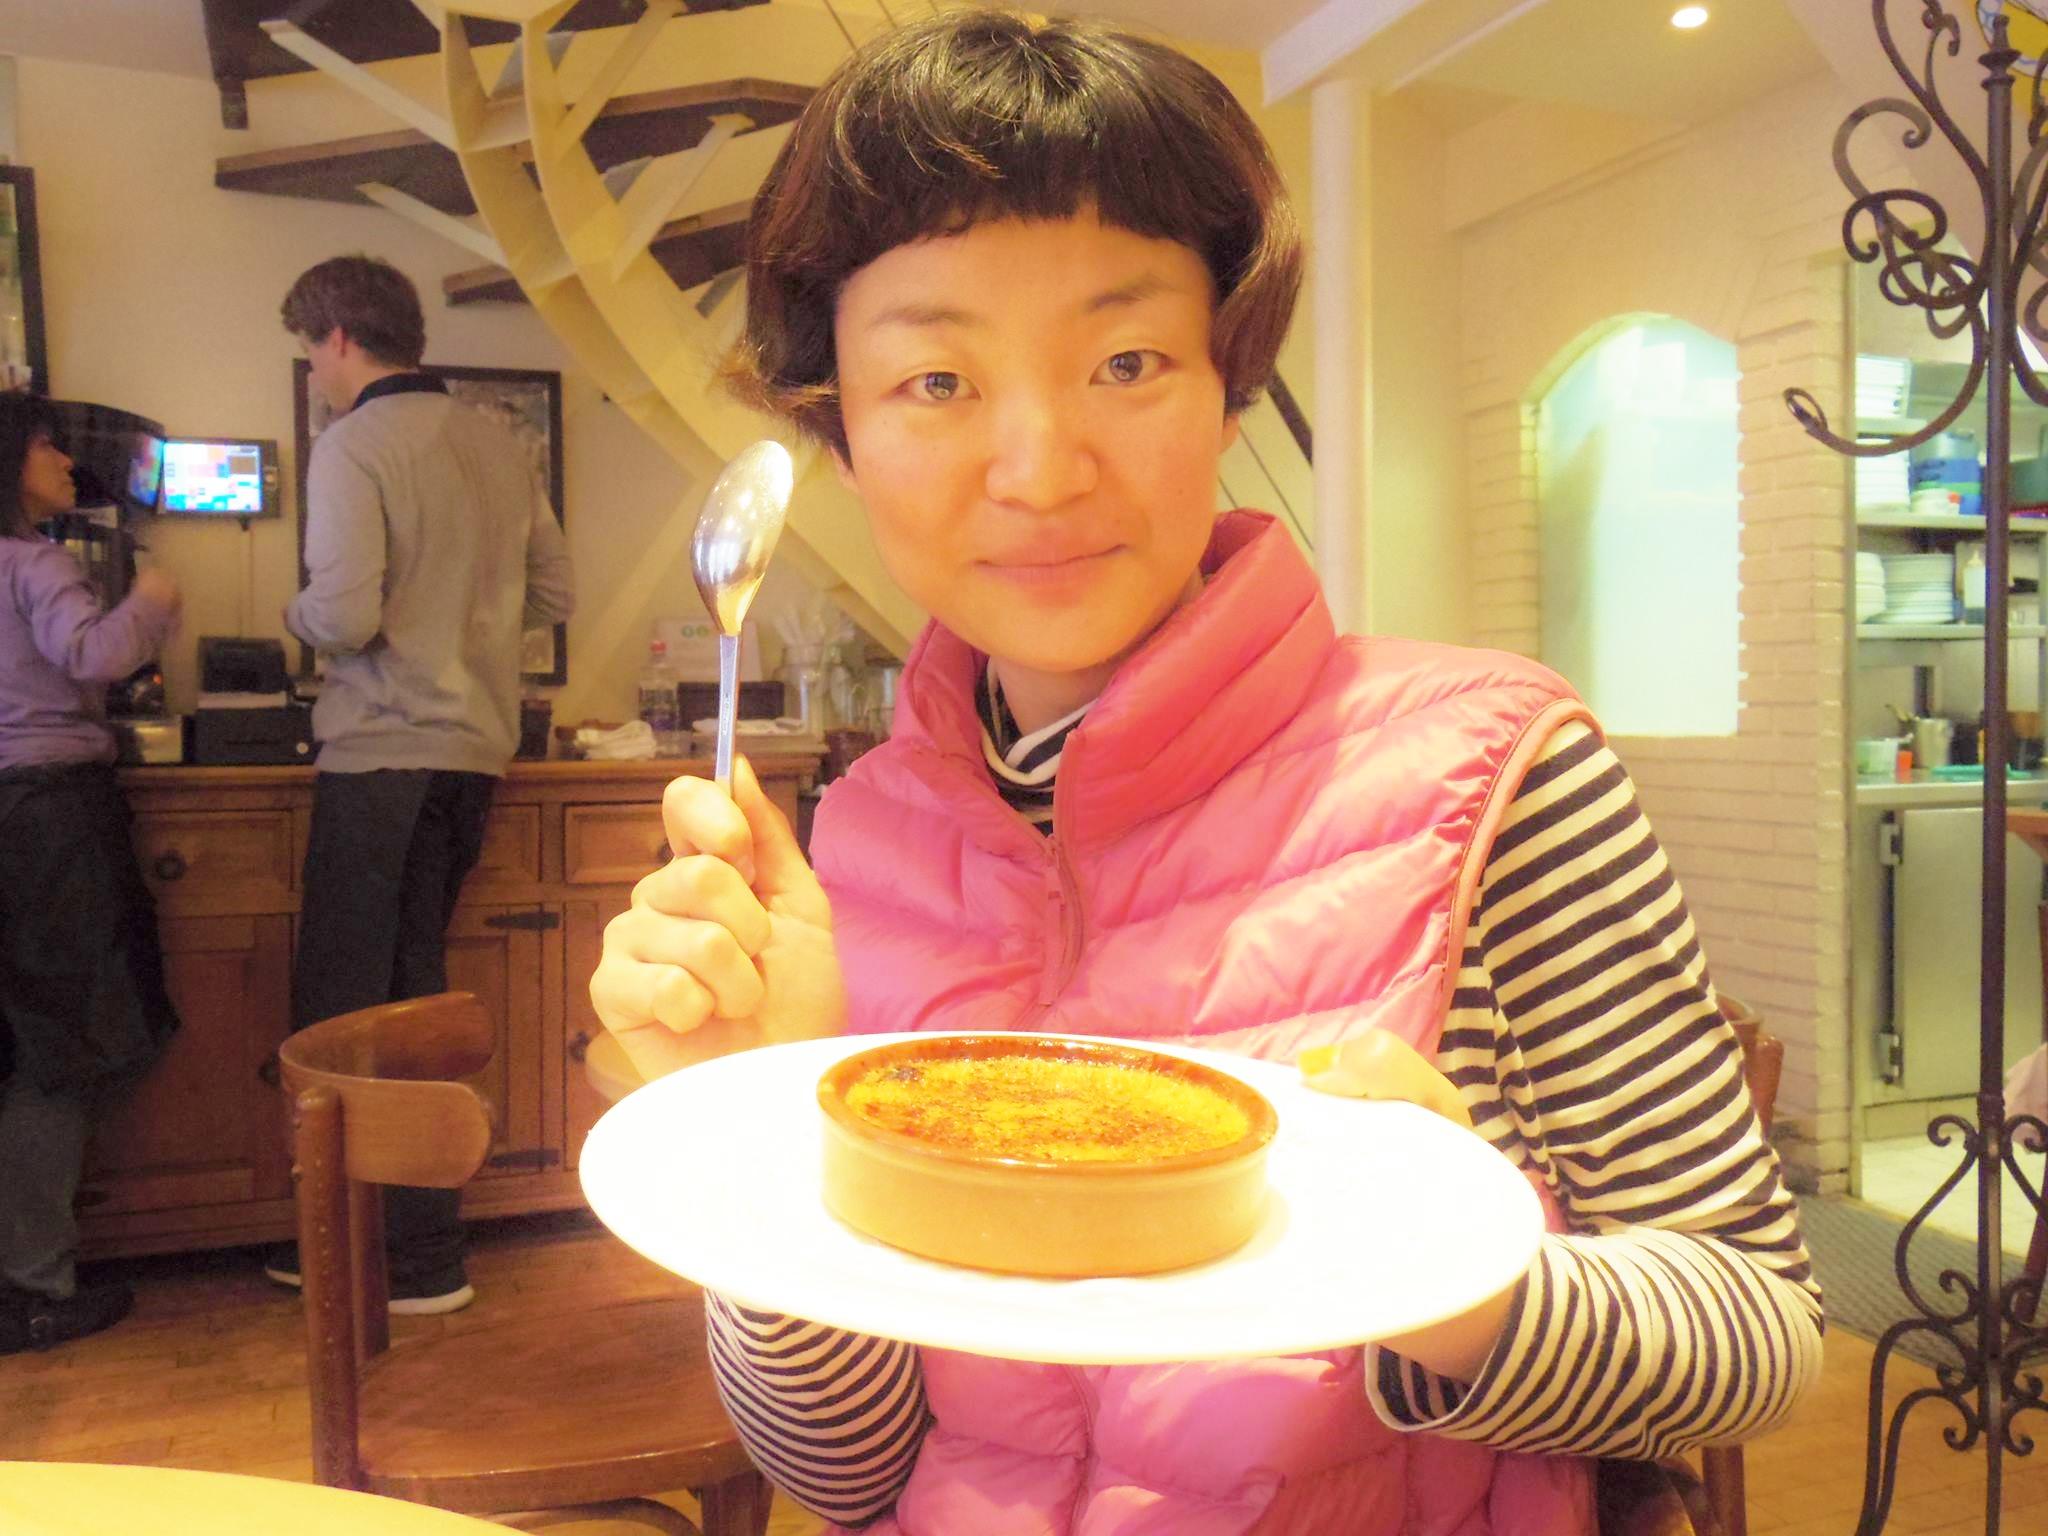 フランス・パリでクレームブリュレを食べる筆者